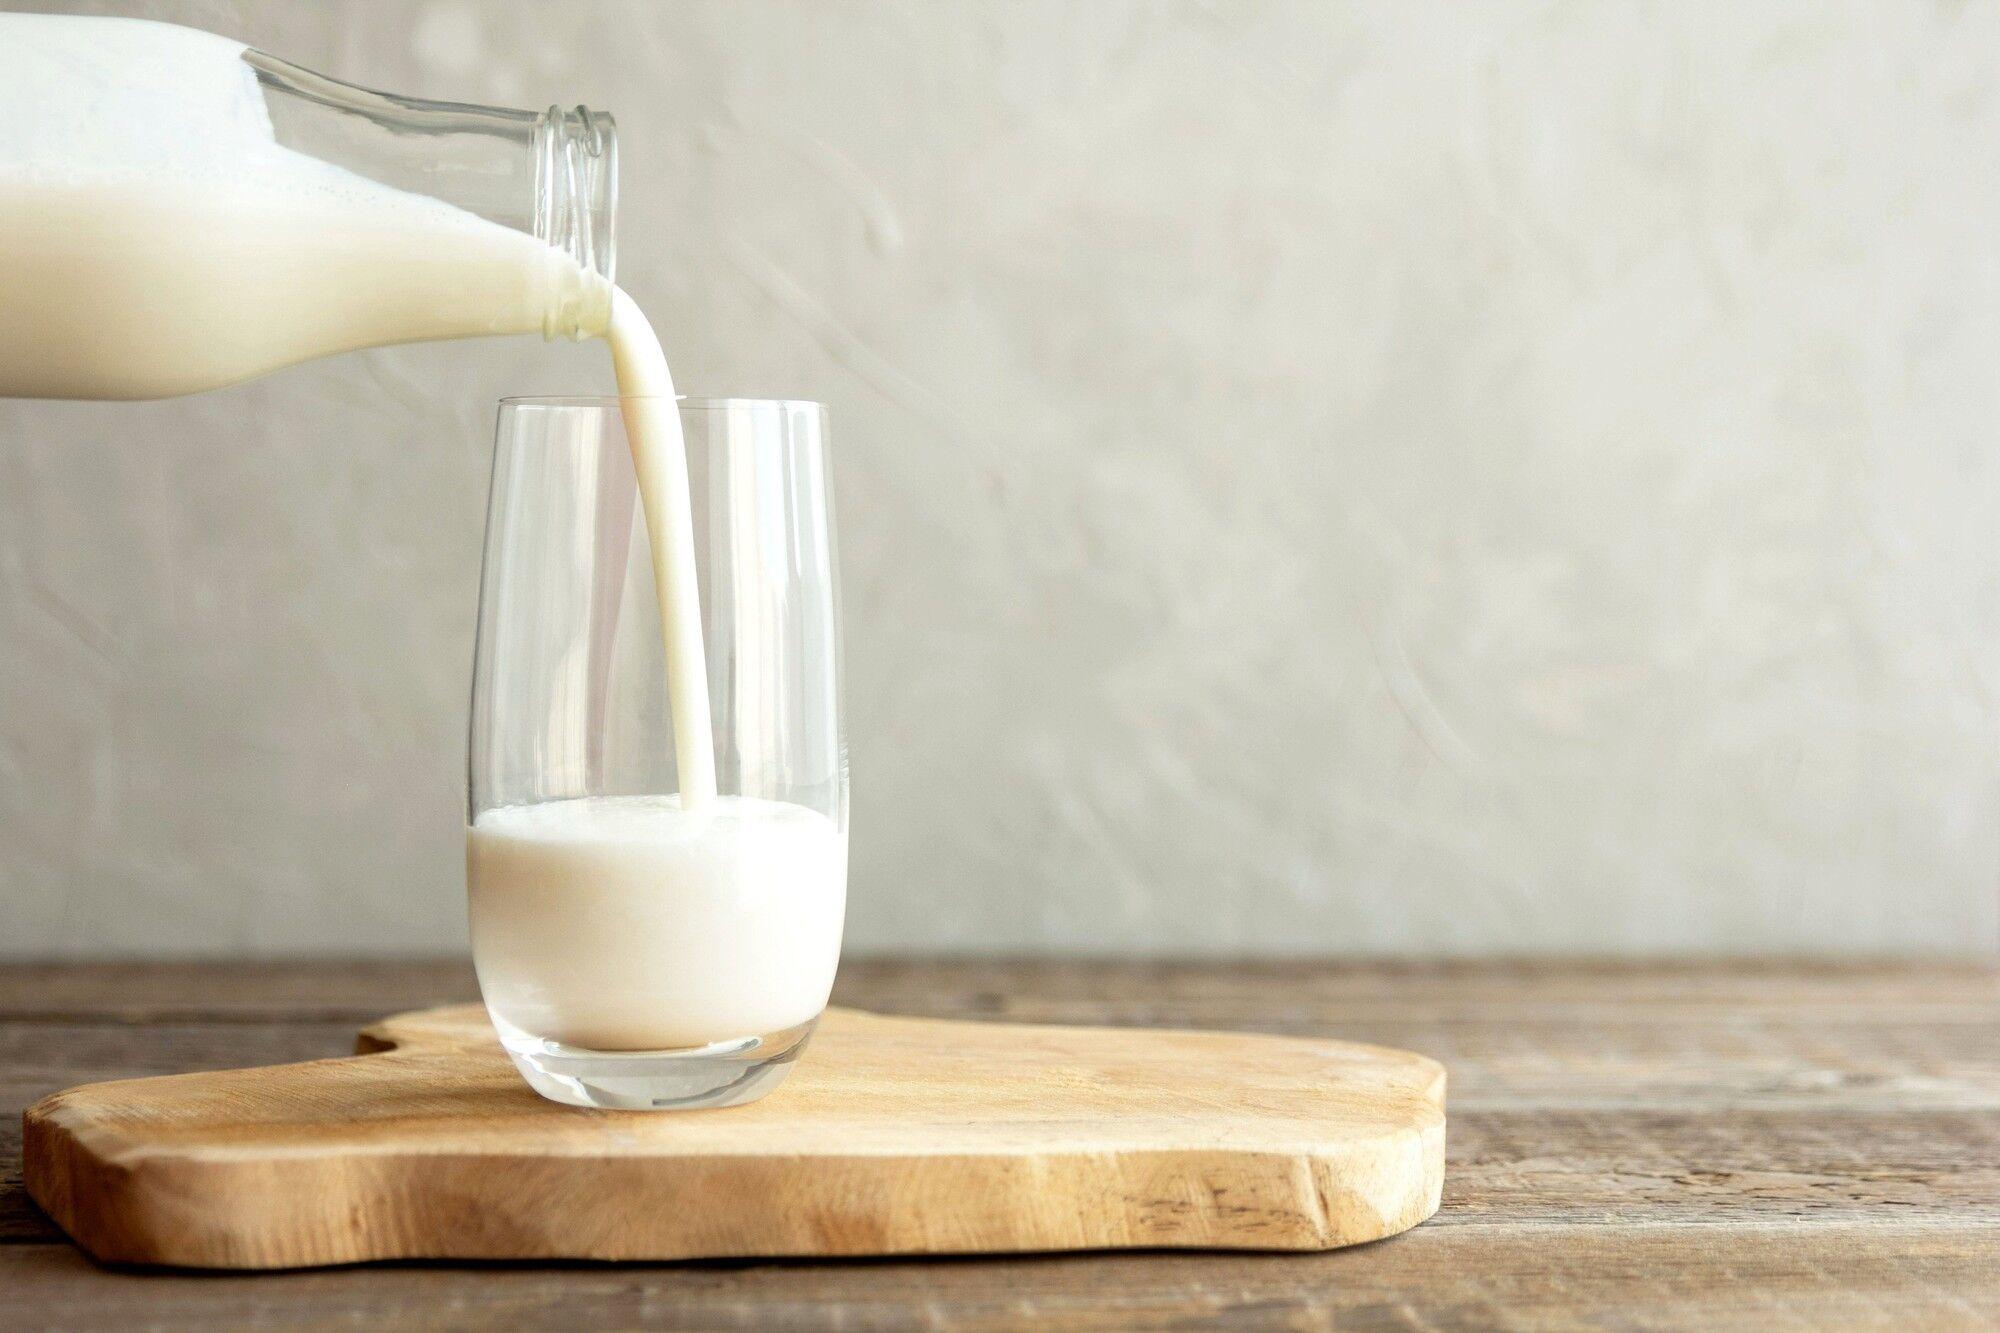 Молочные продукты могут усилить неприятные ощущения во время ПМС